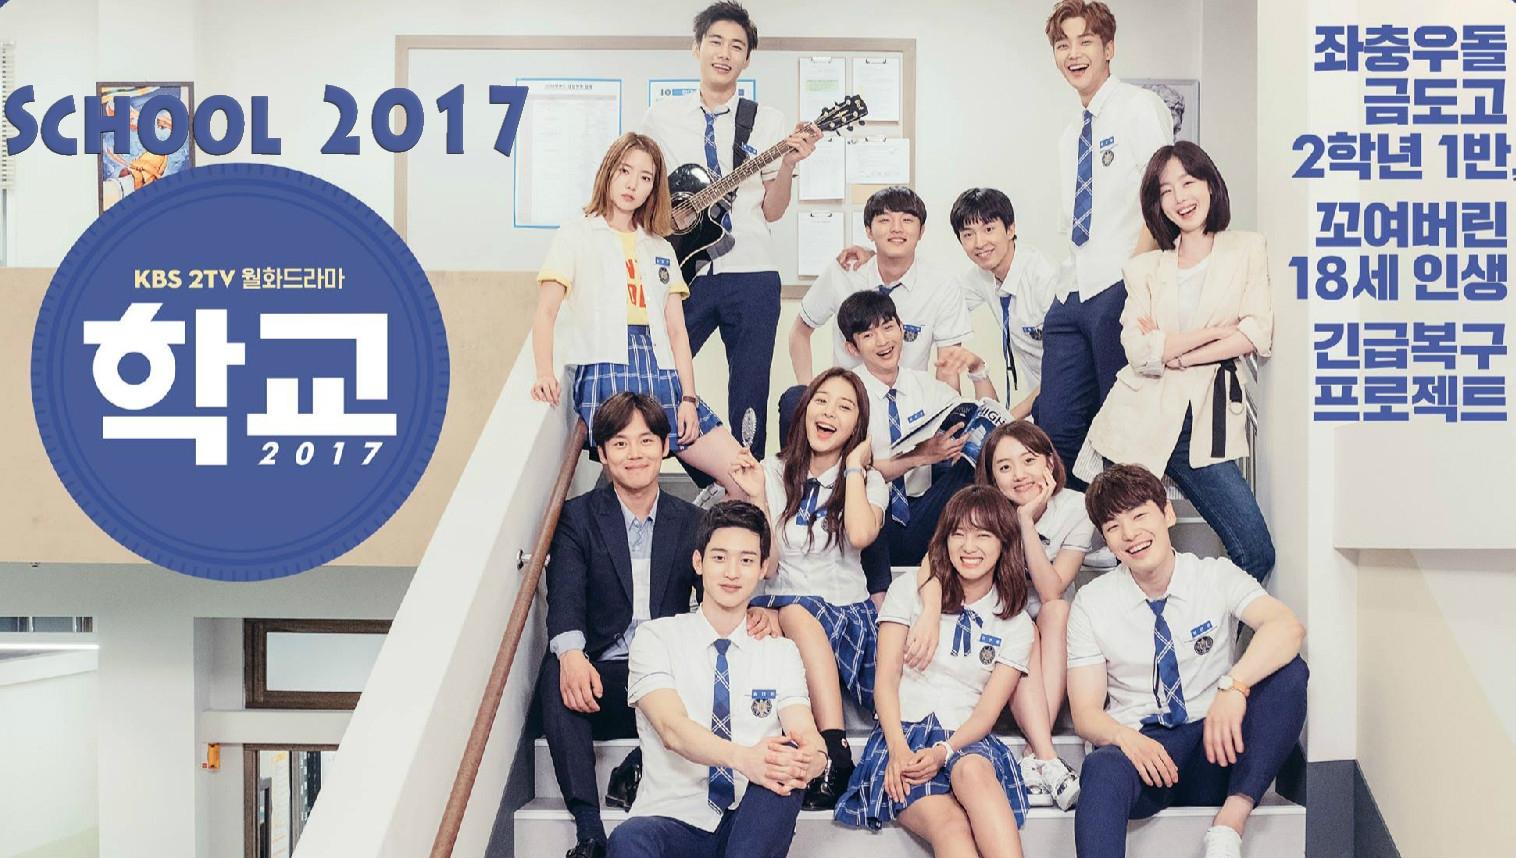 School 2017 3. Bölüm İzle